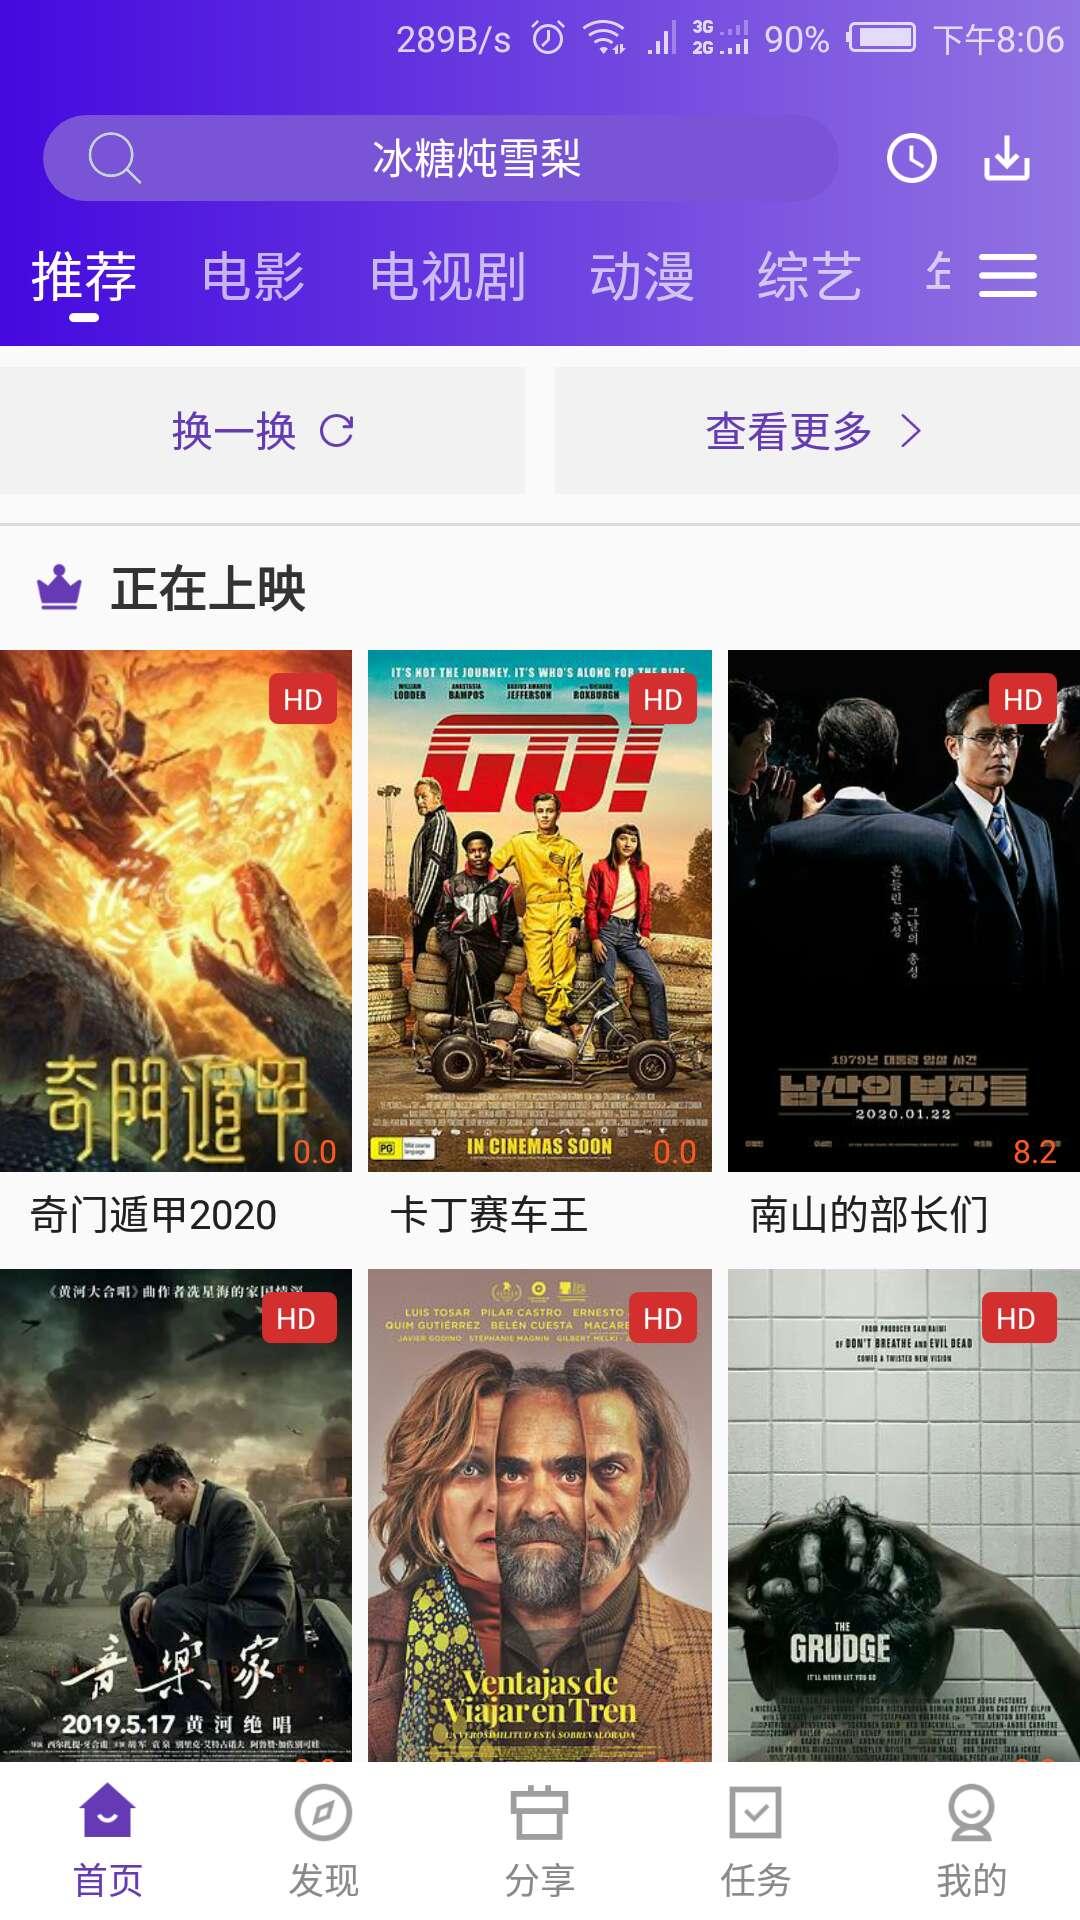 58影视 v2.6永久版 无广告/无会员/真强大